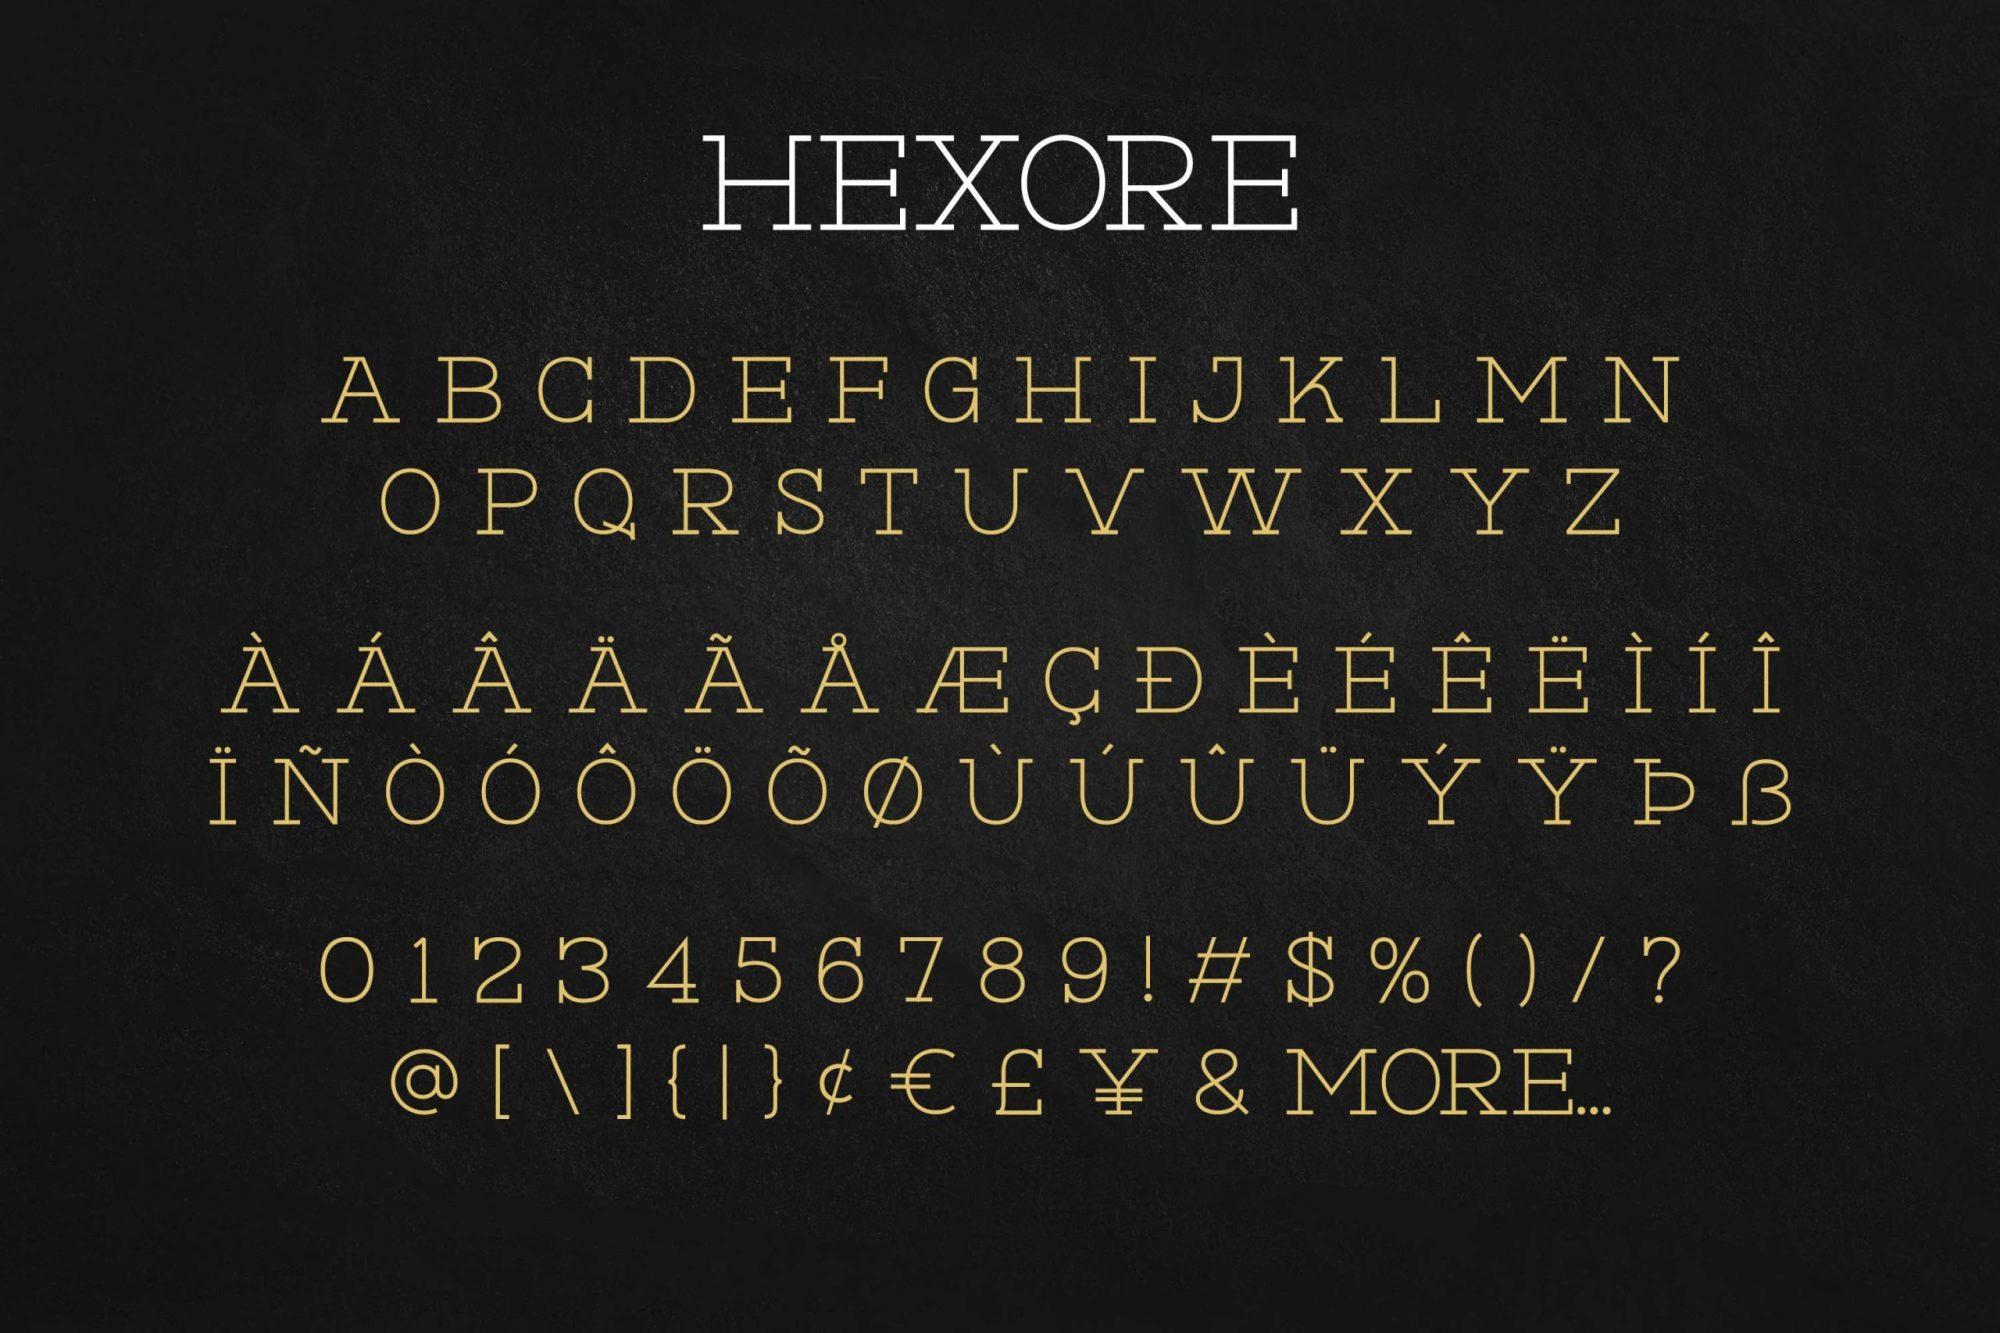 Hexore-Font-3